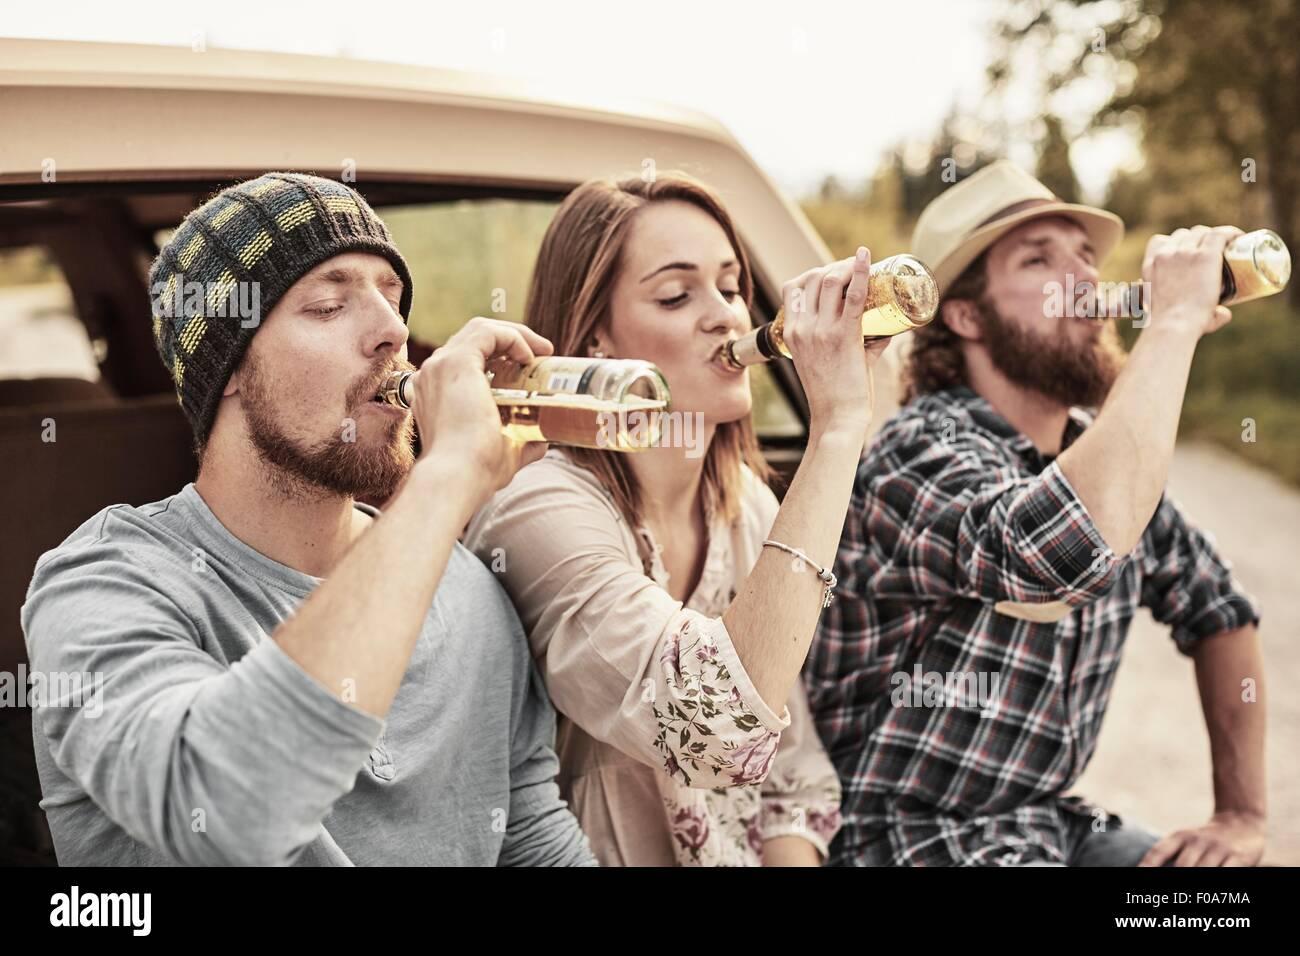 Tre persone a bere birra in bottiglia unisono Immagini Stock